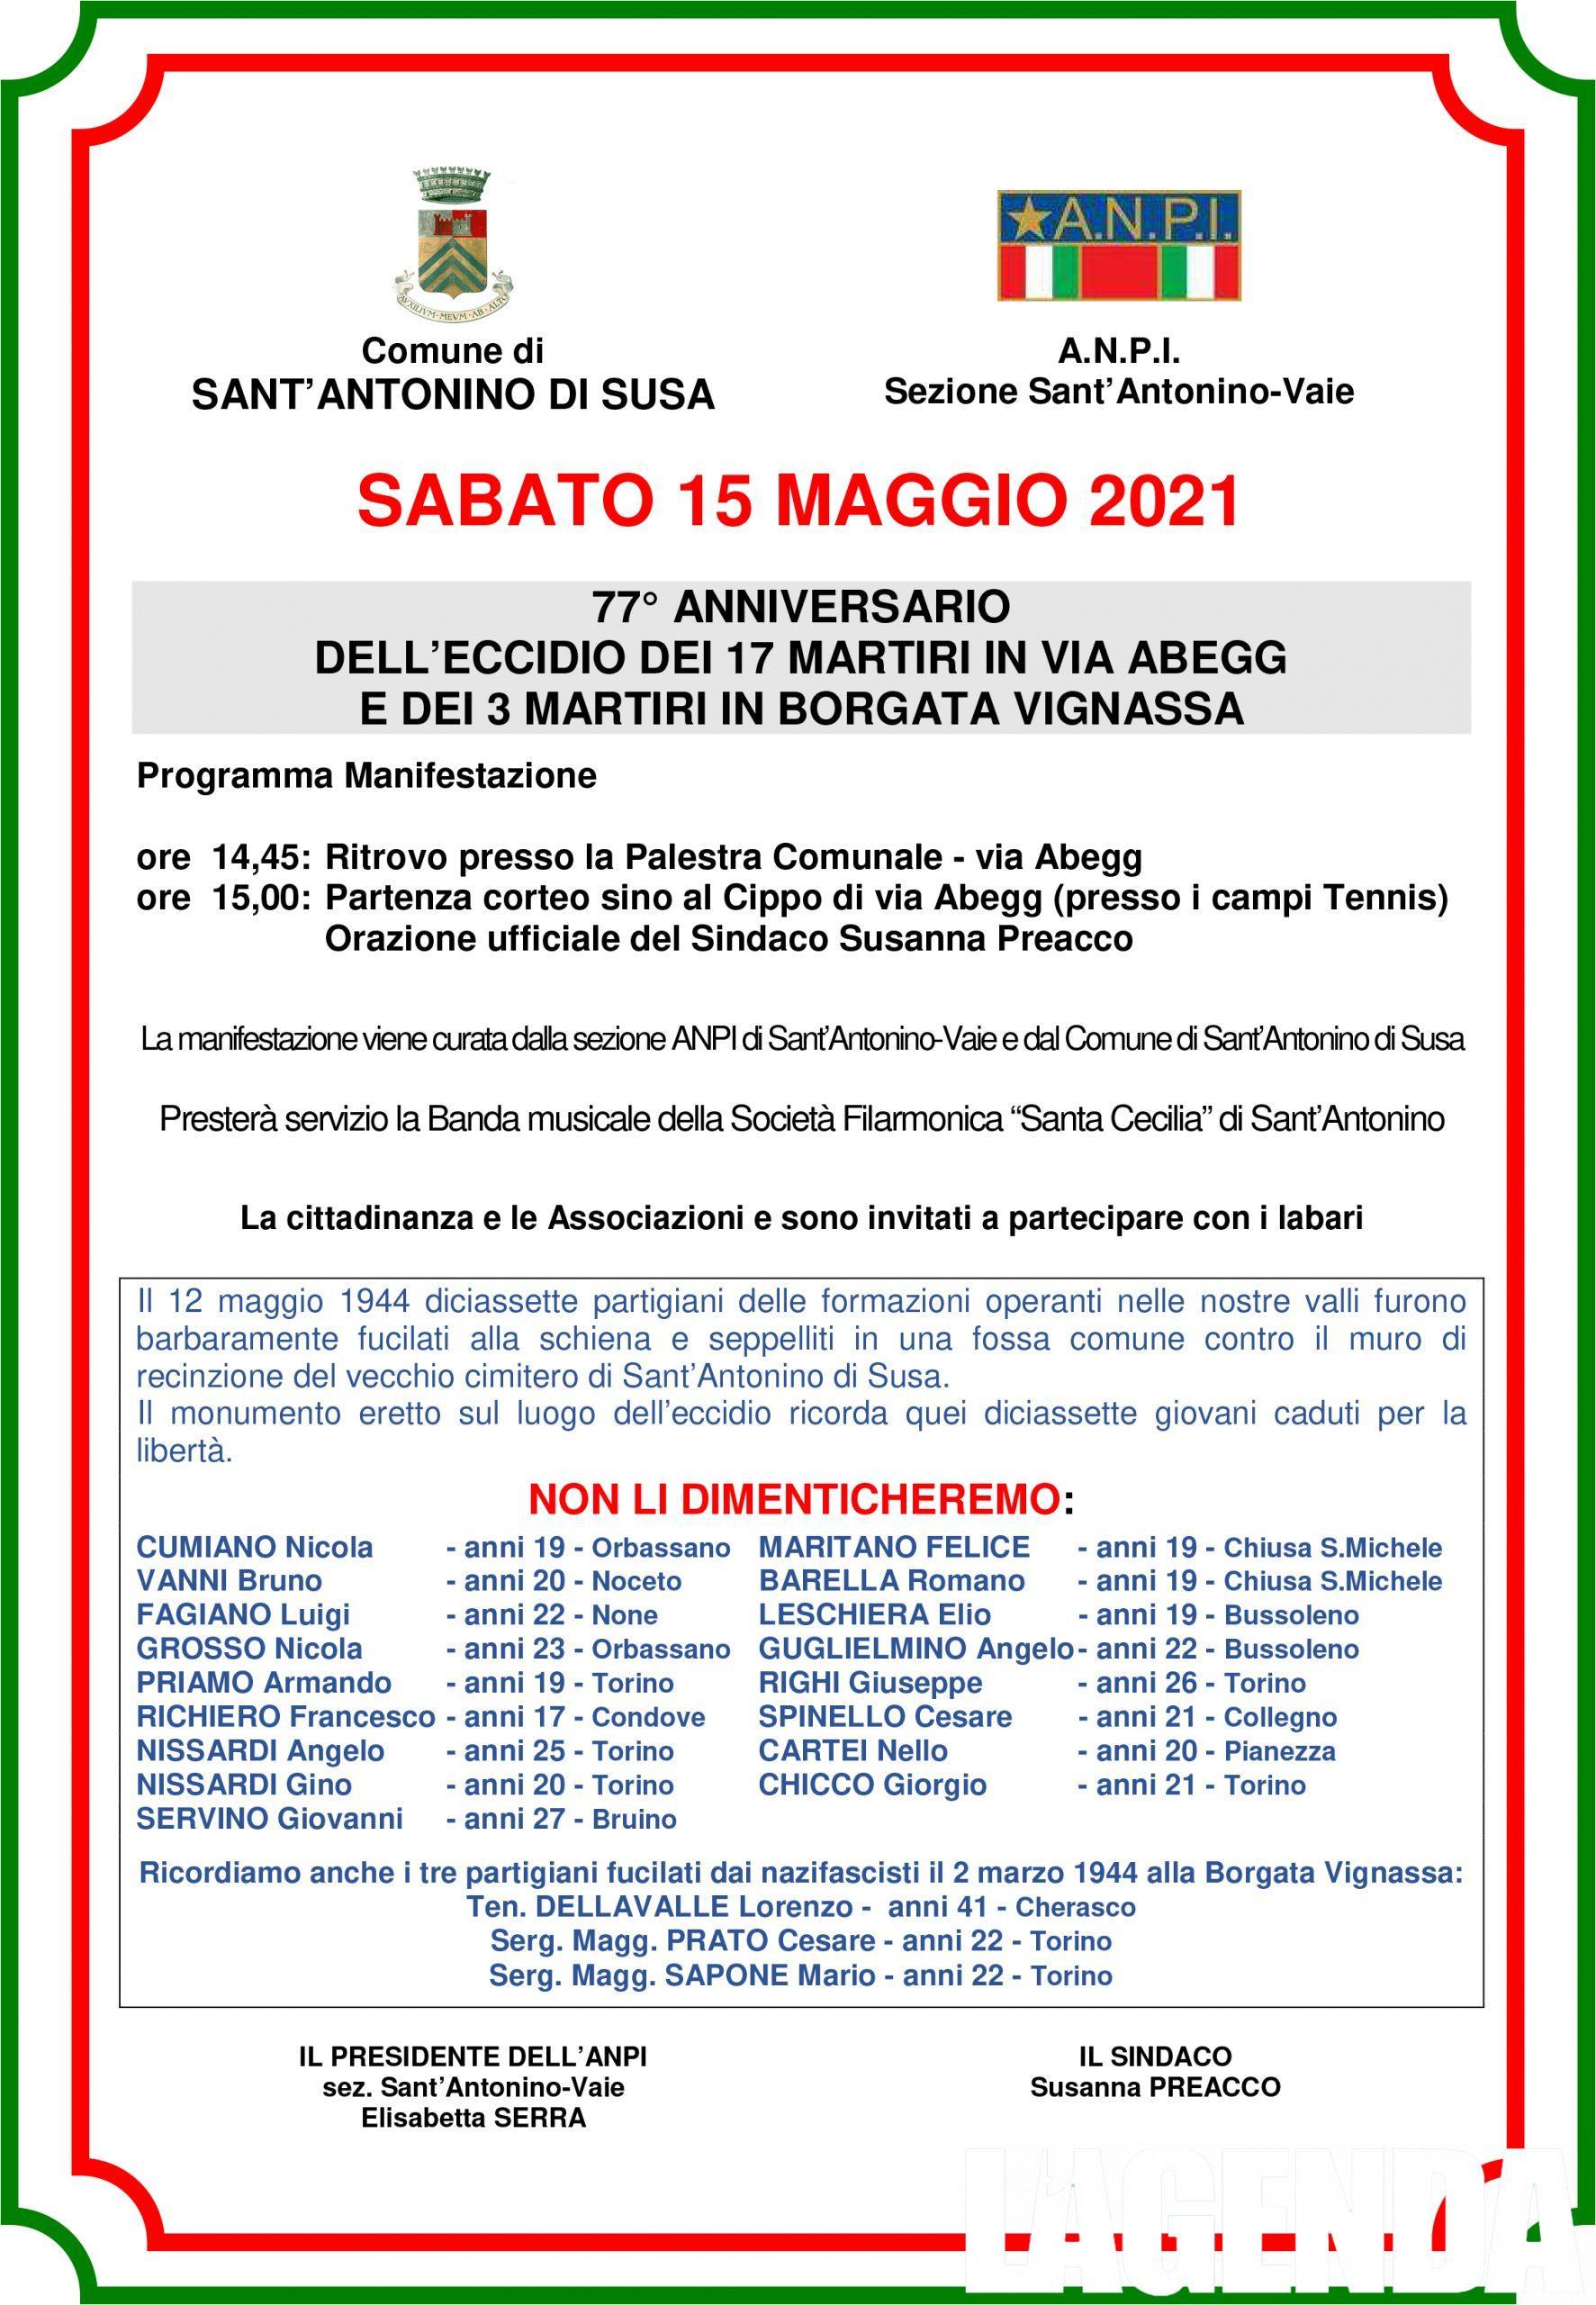 Manifesto _15 maggio_2021